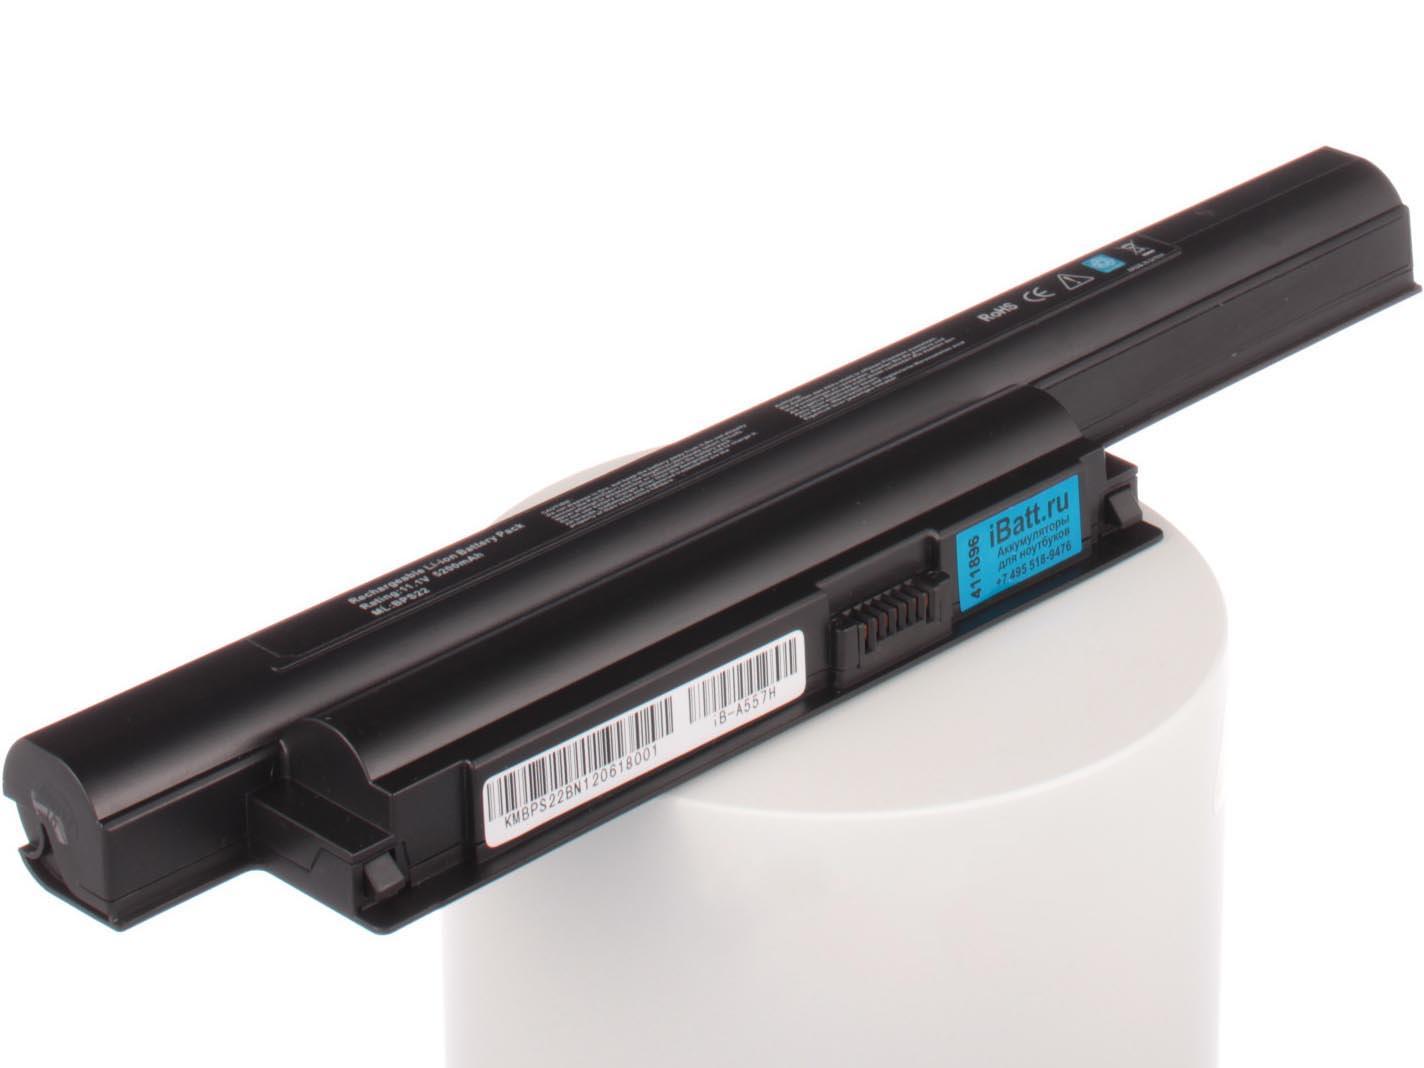 Аккумулятор для ноутбука iBatt Sony VGP-BPS22, VGP-BPS22A комплектующие и запчасти для ноутбуков sony sve151c11t sve151c11m sve151d12t